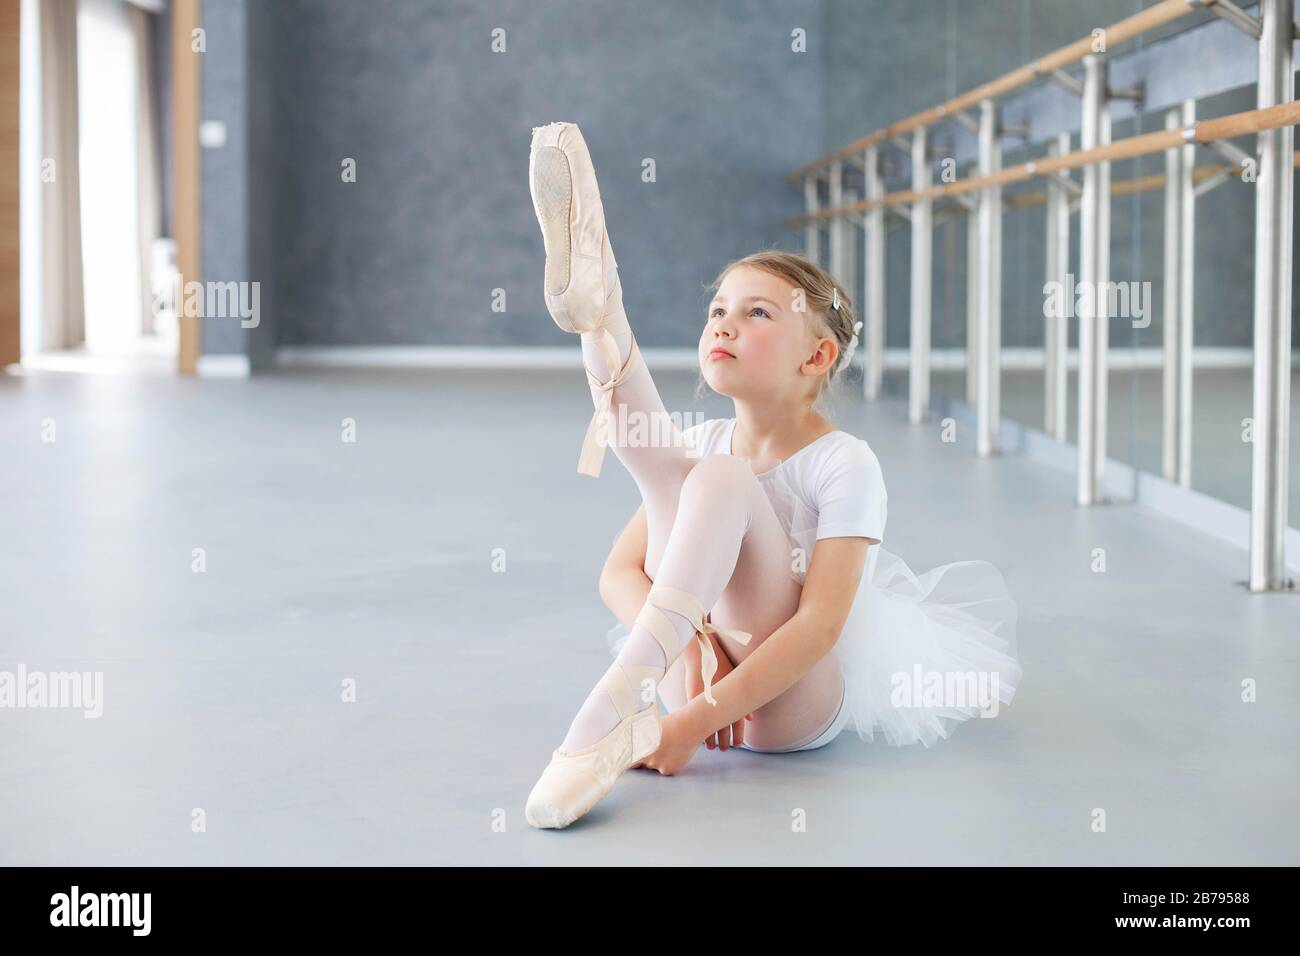 La bailarina pequeña está intentando en zapatos de la punta en la clase del ballet. Linda niña está sentada en el suelo bajo barre Foto de stock